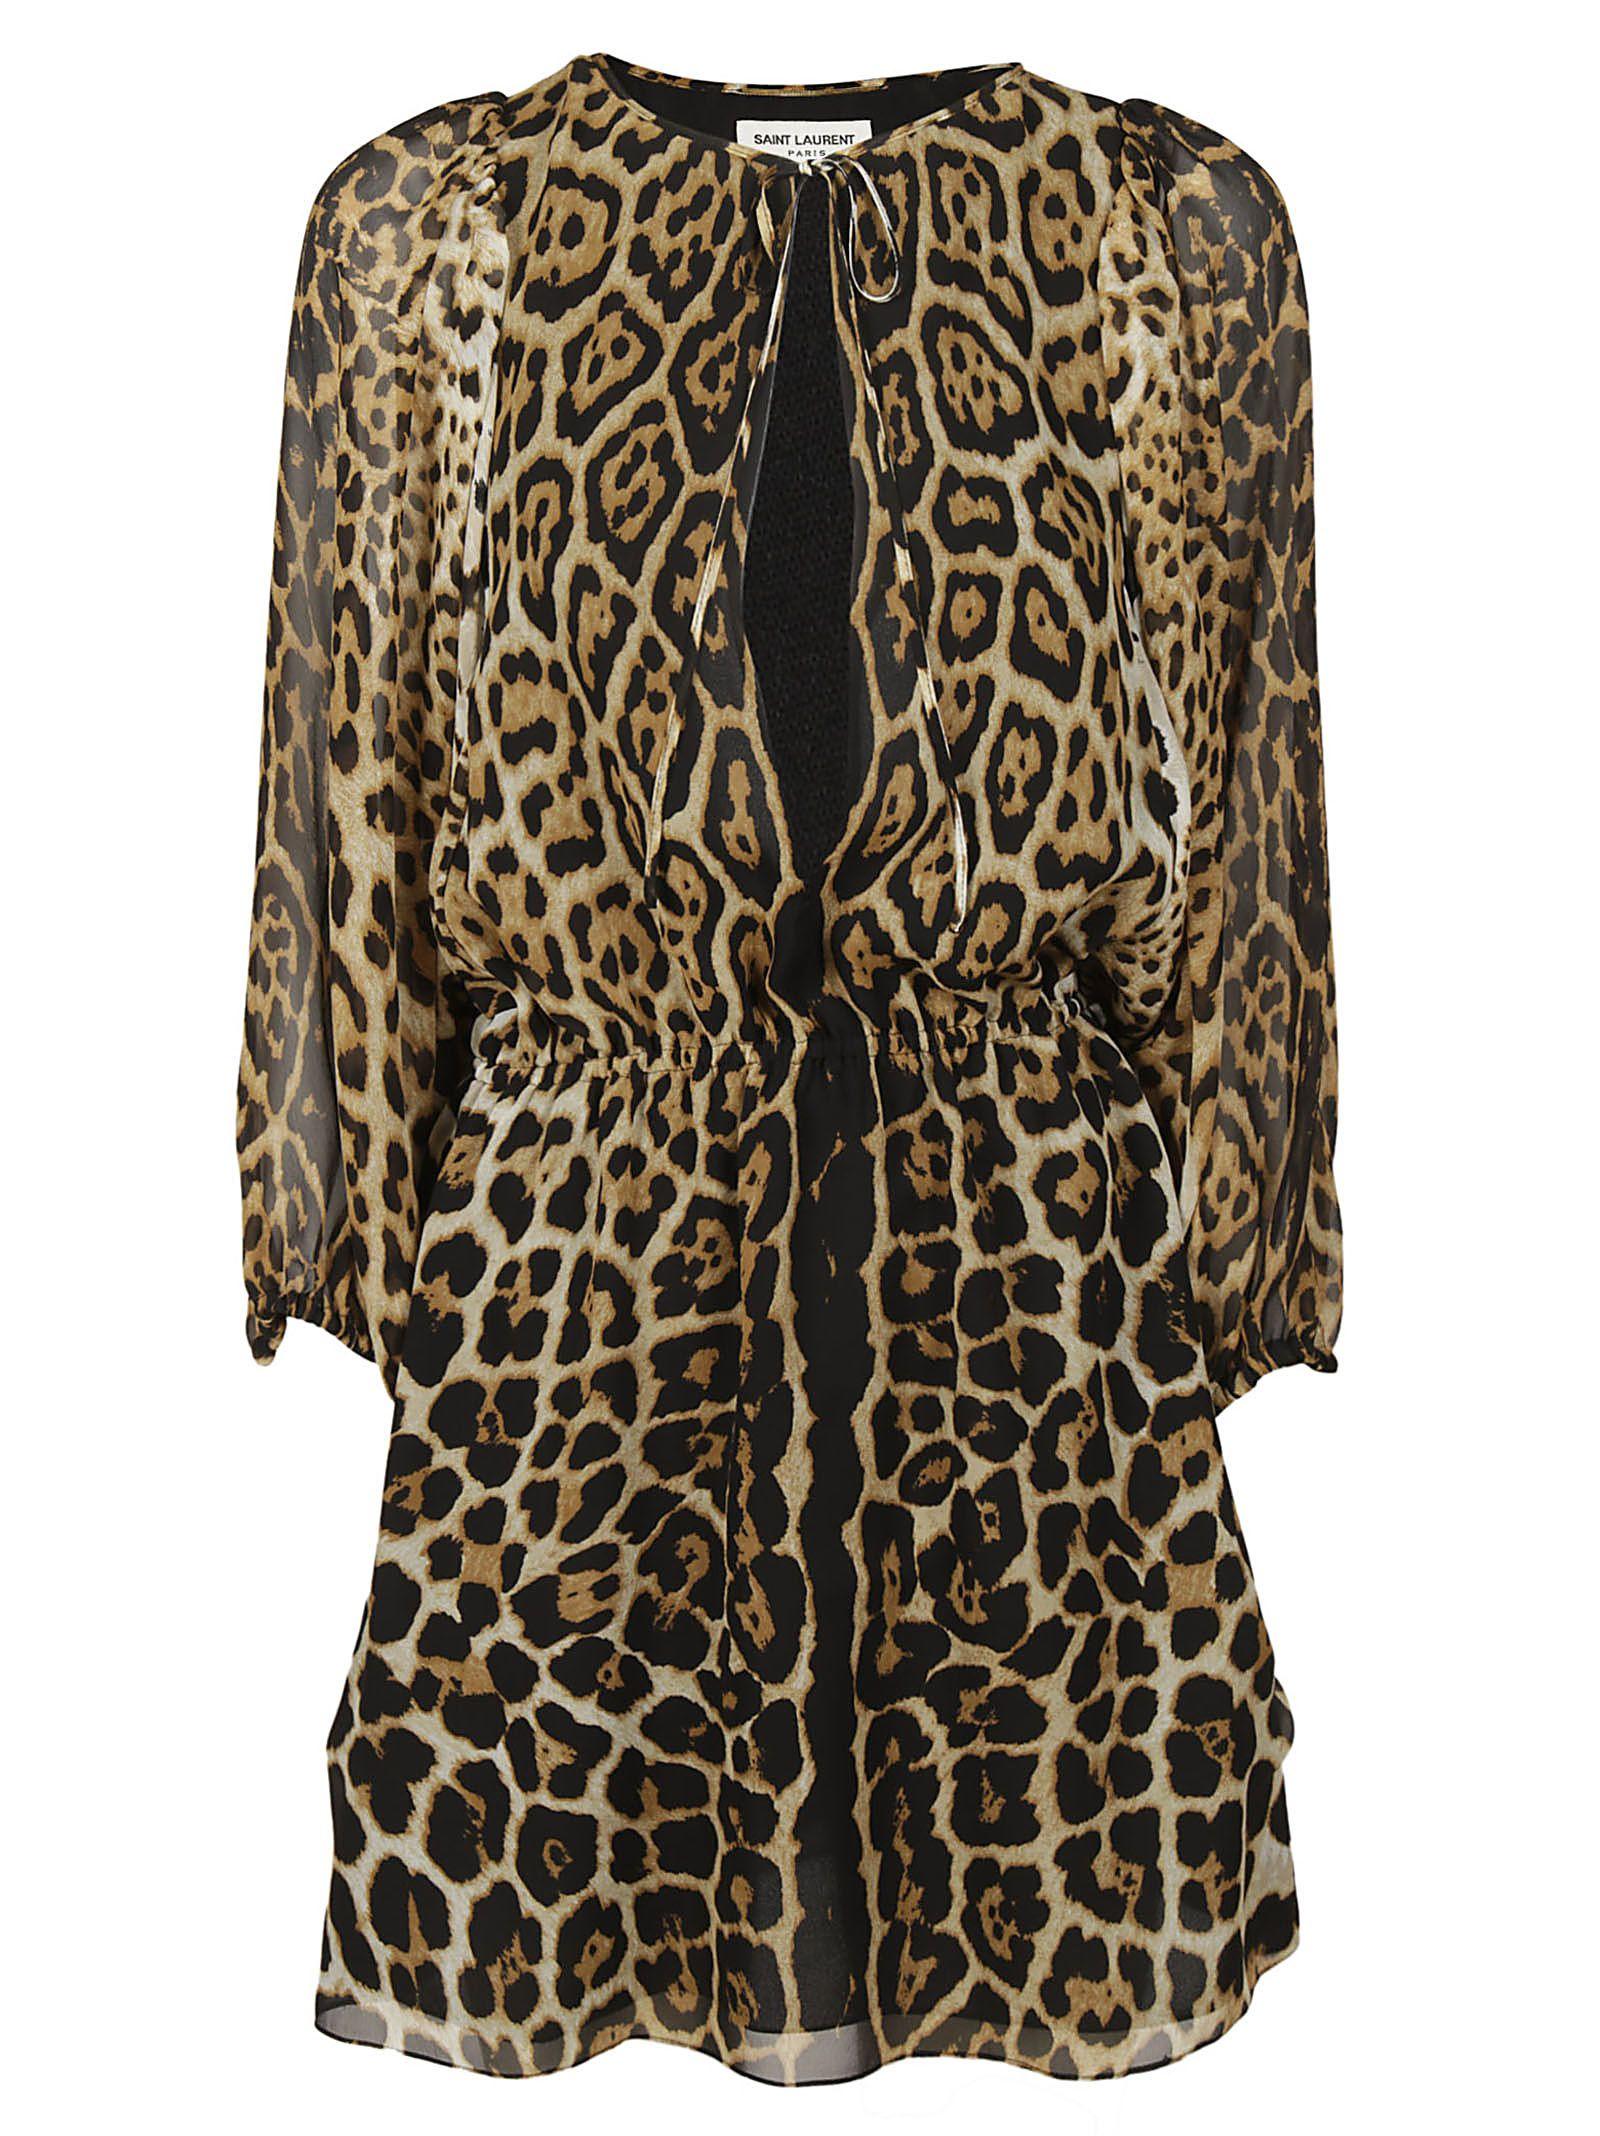 Saint Laurent Leopard Print Short Dress